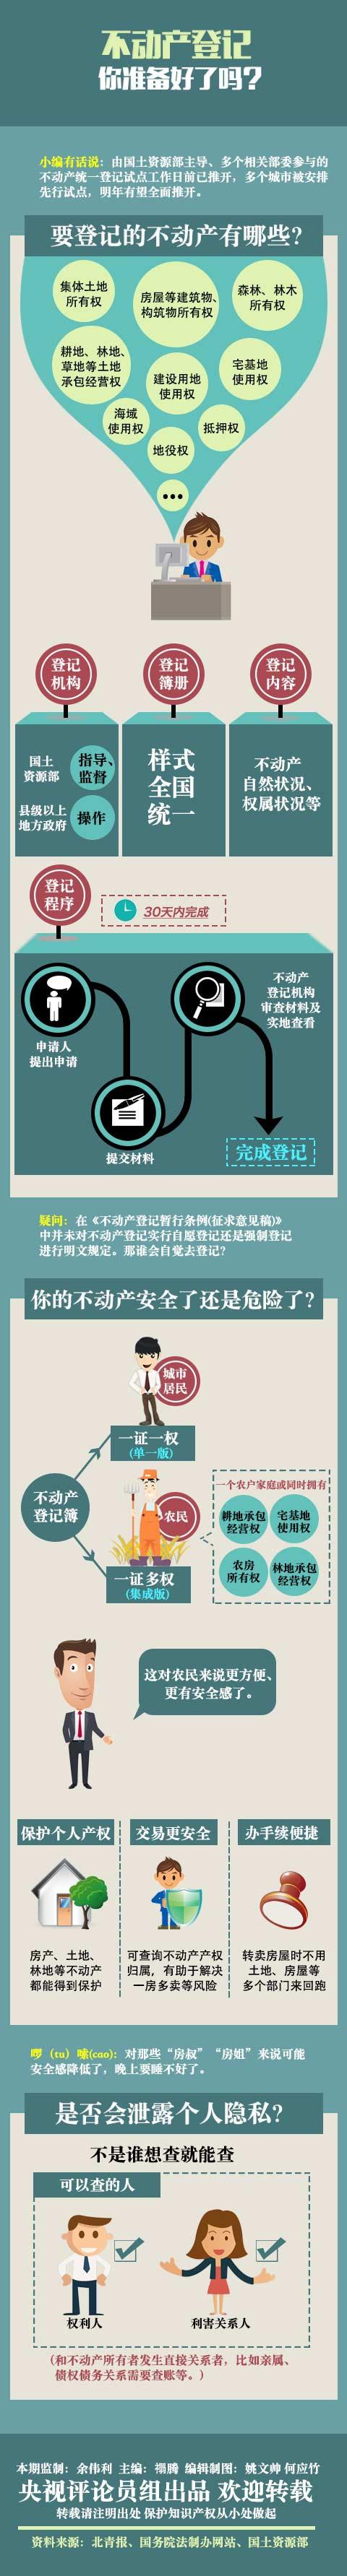 (2014.12.18转帖) 【一图解读】不动产登记 你准备好没 - 老倪 - 老倪 的博客